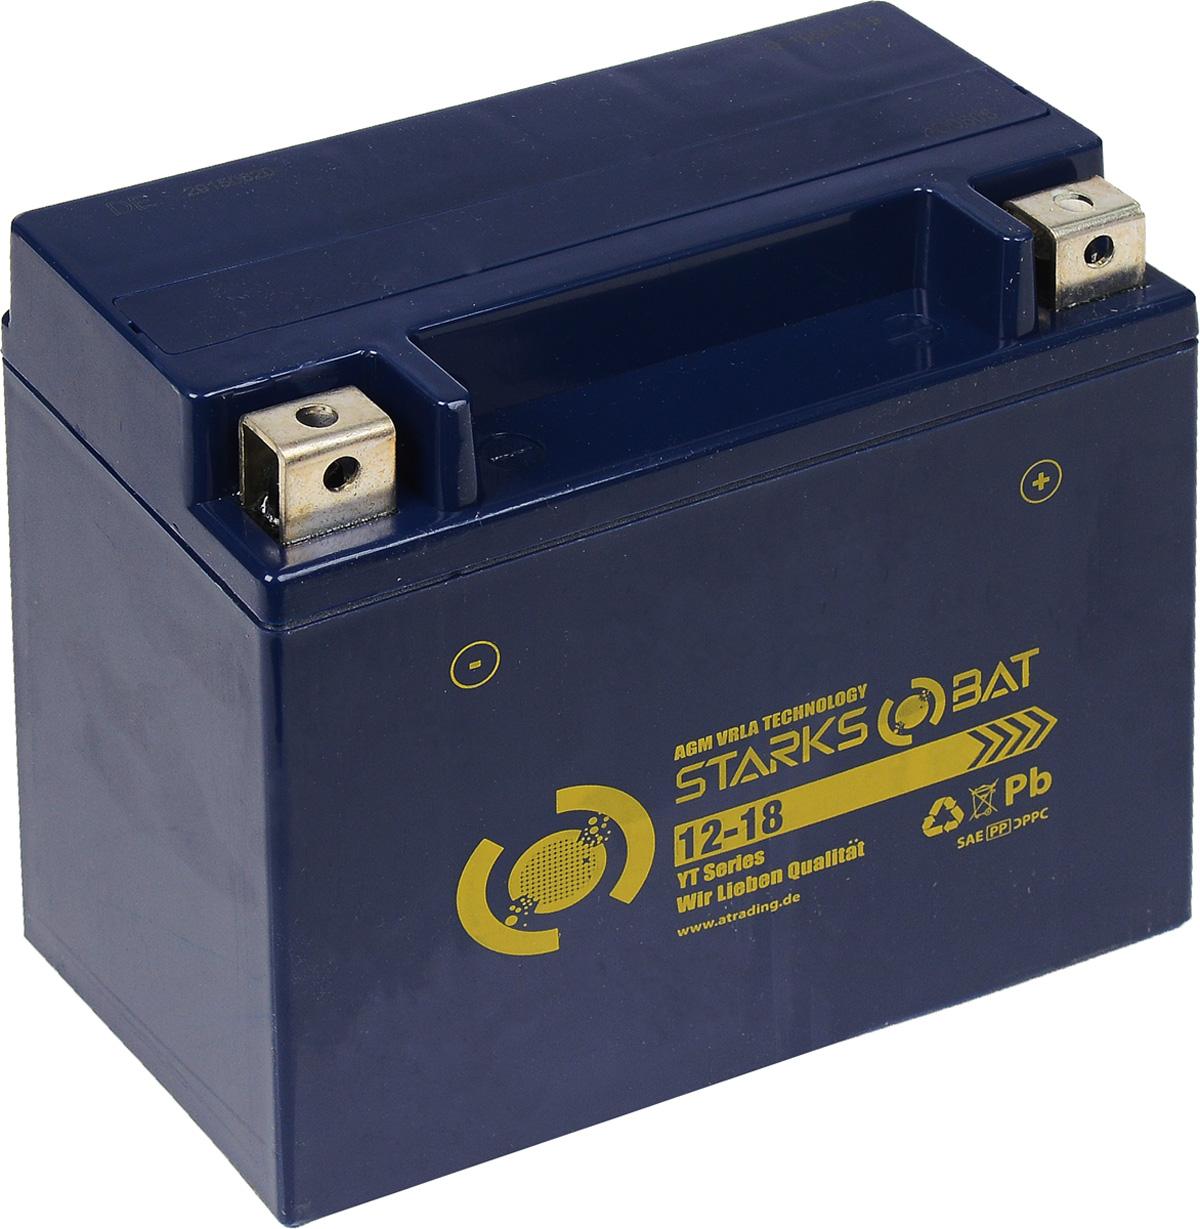 Батарея аккумуляторная для мотоциклов Starksbat. YT 12-18 (YTX20L-BS)YT 12-18Аккумулятор Starksbat изготовлен по технологии AGM, обеспечивающей повышенный уровень безопасности батареи и удобство ее эксплуатации. Корпус выполнен из особо ударопрочного и морозостойкого полипропилена. Аккумулятор блестяще доказал свои высокие эксплуатационные свойства в самых экстремальных условиях бездорожья, высоких и низких температур. Аккумуляторная батарея Starksbat производится под знаменитым немецким контролем качества, что обеспечивает ему высокие пусковые характеристики и восстановление емкости даже после глубокого разряда. Напряжение: 12 В. Емкость: 18 Ач. Полярность: обратная (- +). Ток холодной прокрутки: 230 Аh (EN).